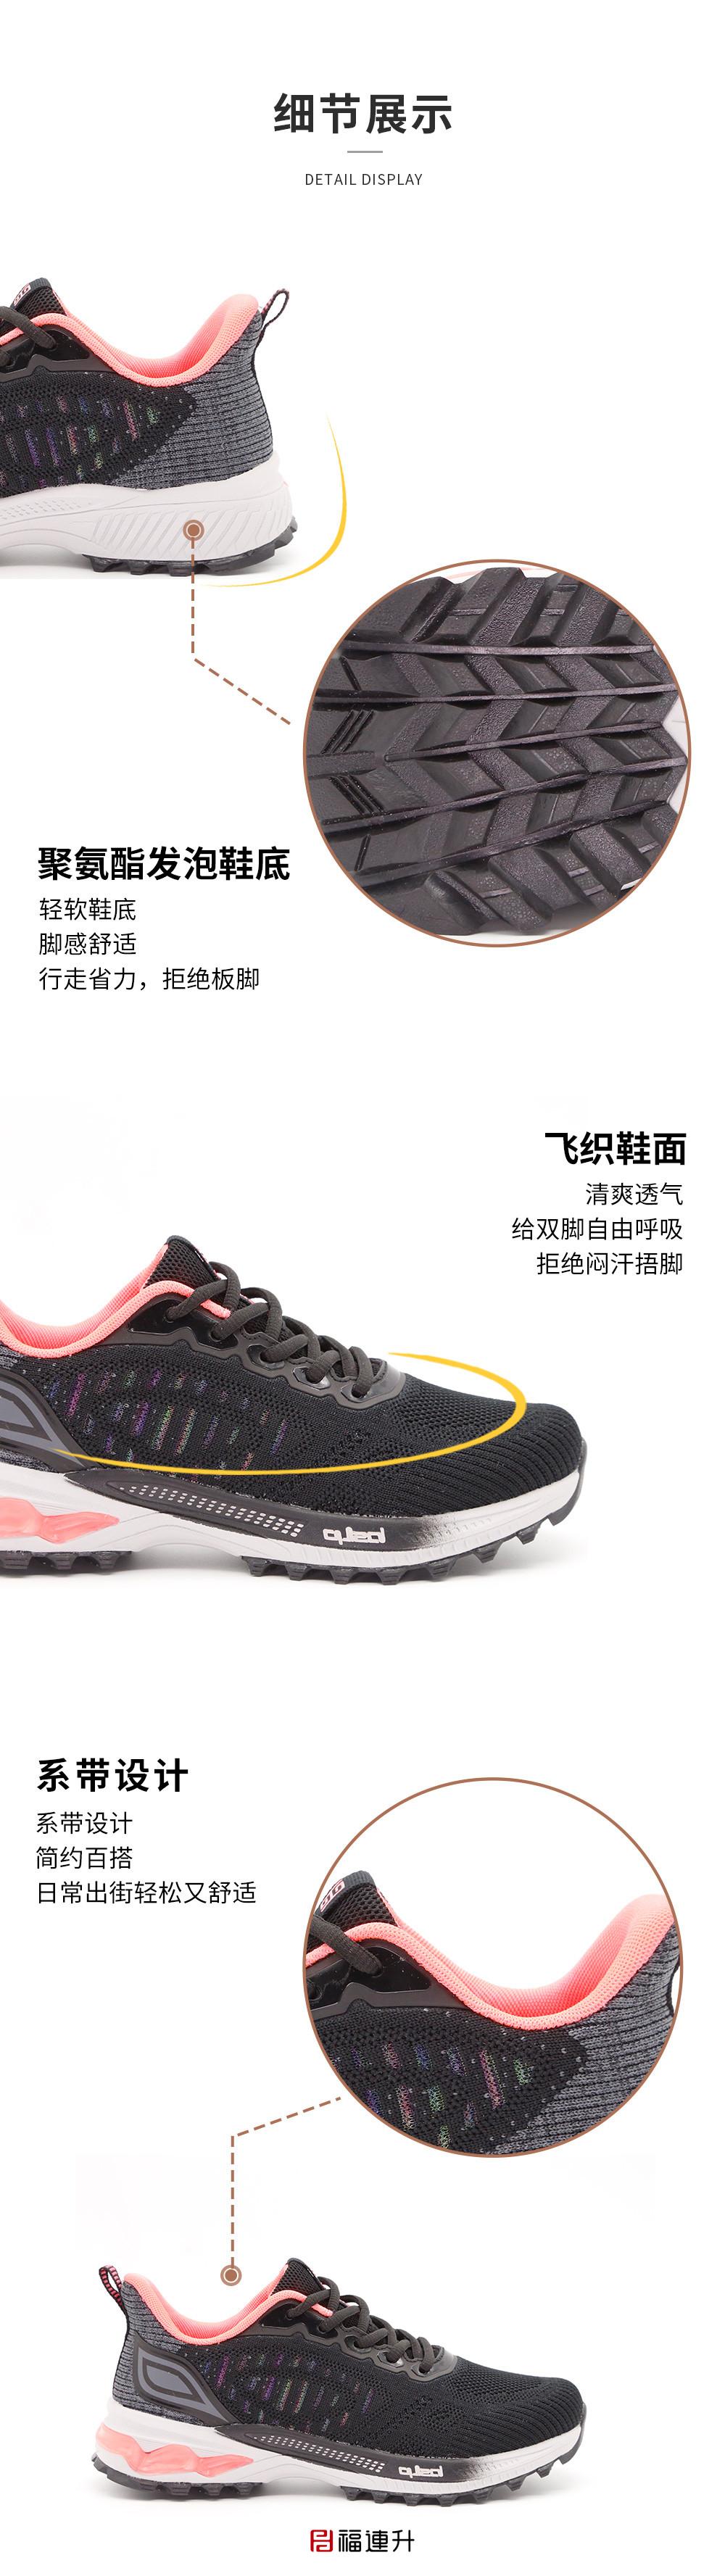 运动鞋男防滑底棉麻透气舒适旅游鞋登山外出跑步鞋图片